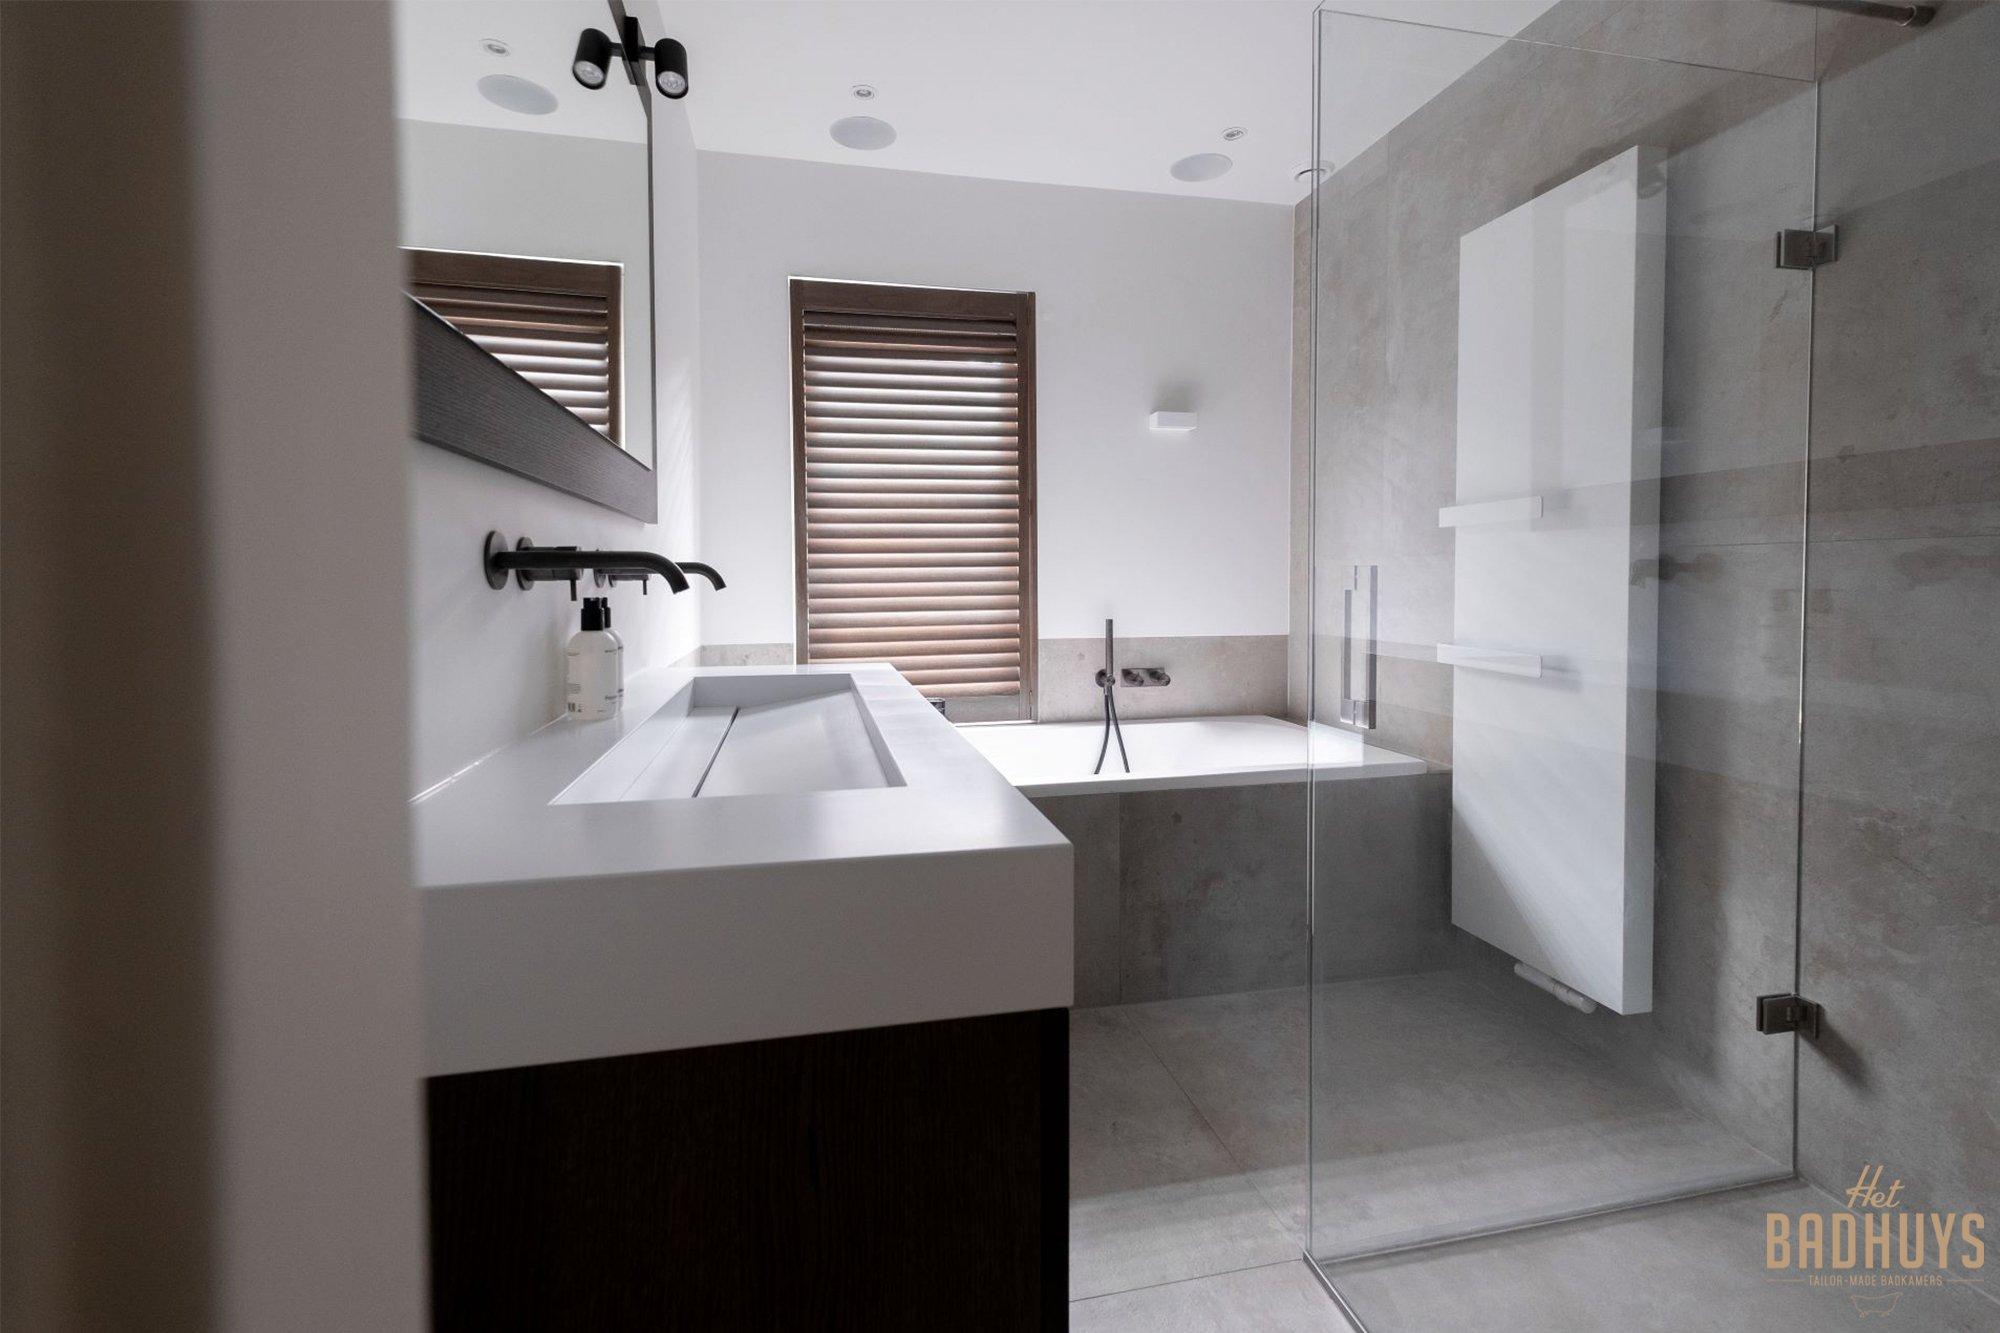 Maatwerk badkamer in Breda in stijl serene luxe.